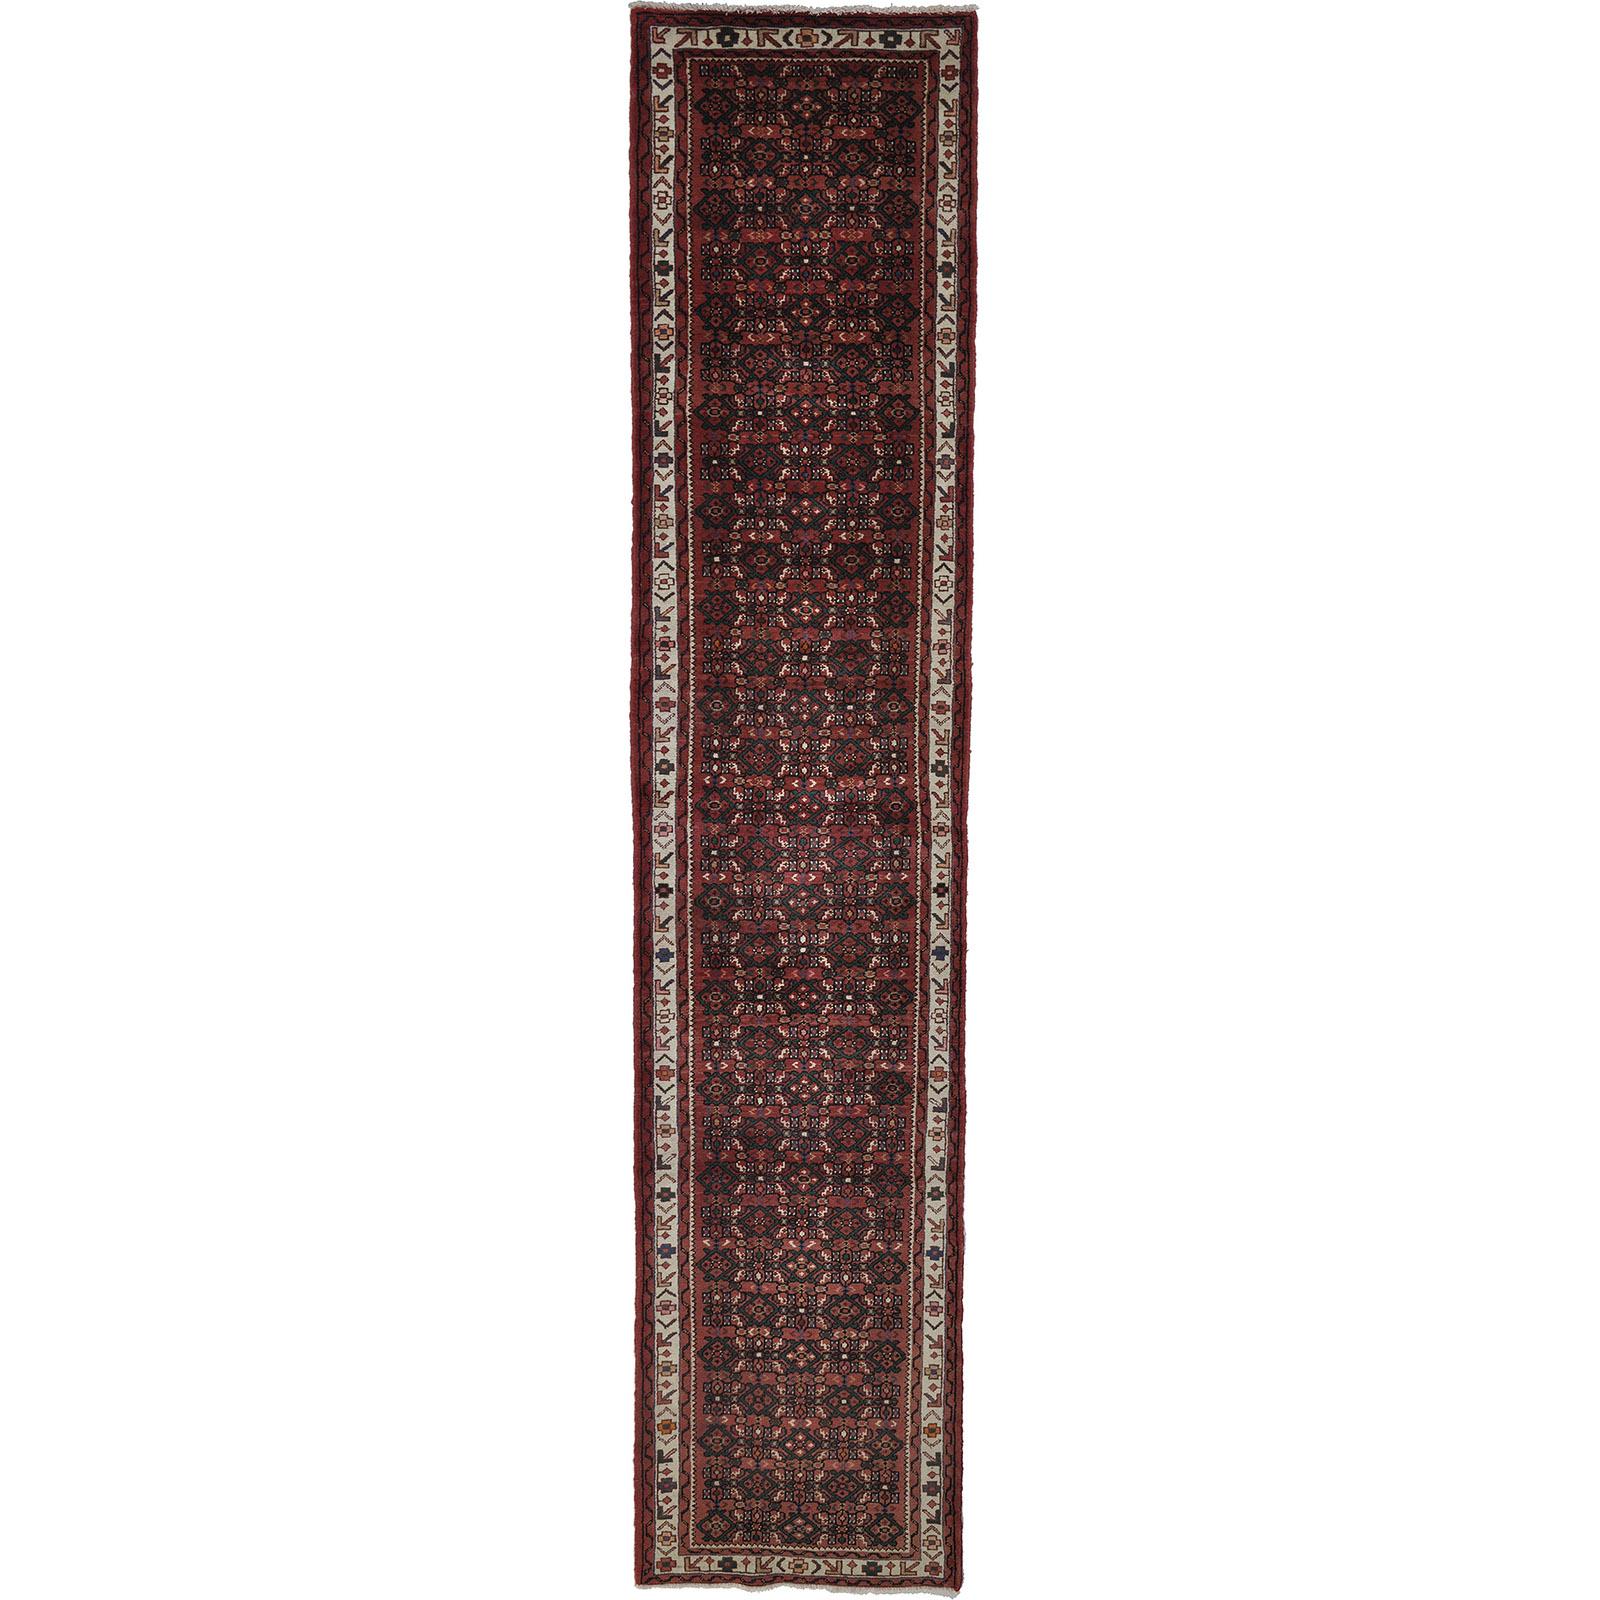 Hosseinabad matta storlek 400x82 cm